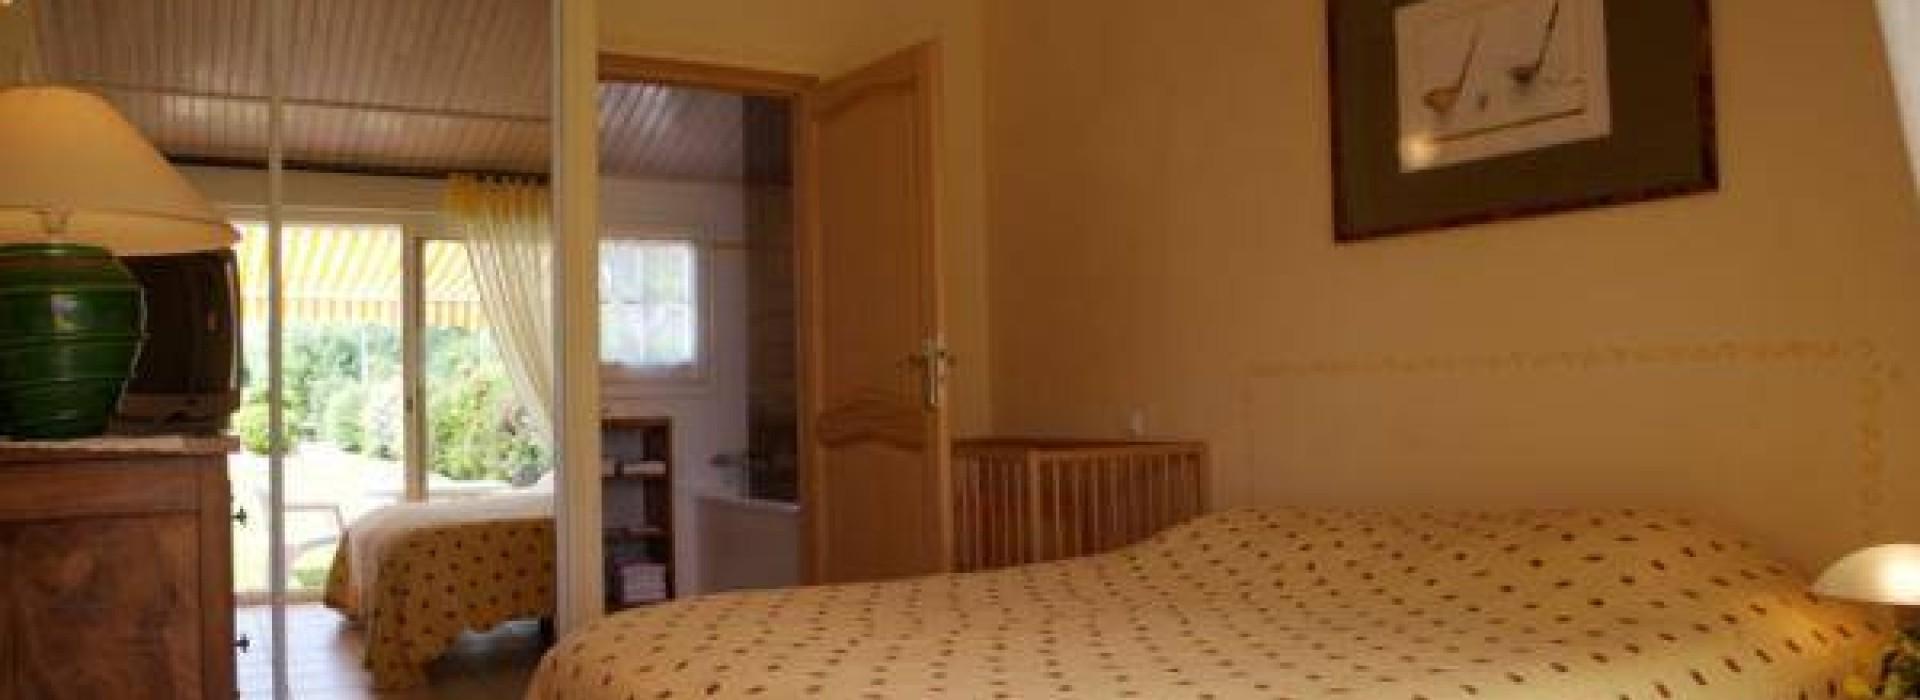 4 clevacances, piscine couverte, prestations de qualite: Chambres d ...